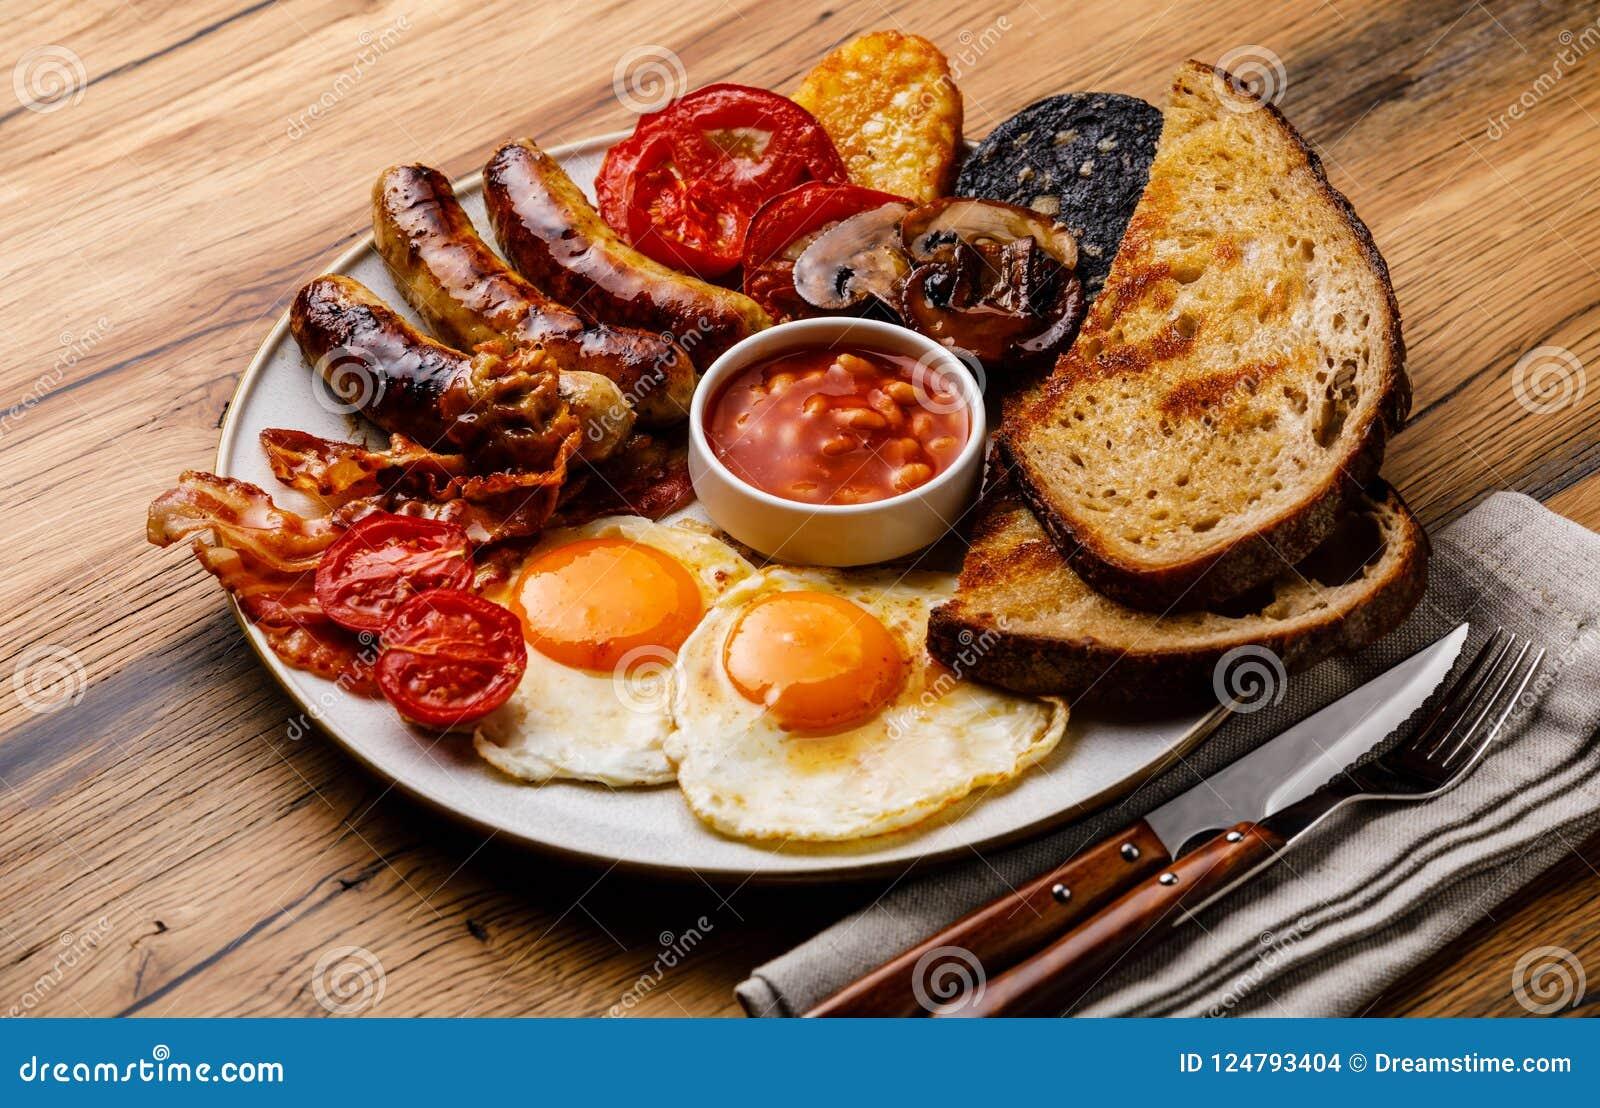 Полный фрай вверх по английскому завтраку с яичницами, сосисками, беконом